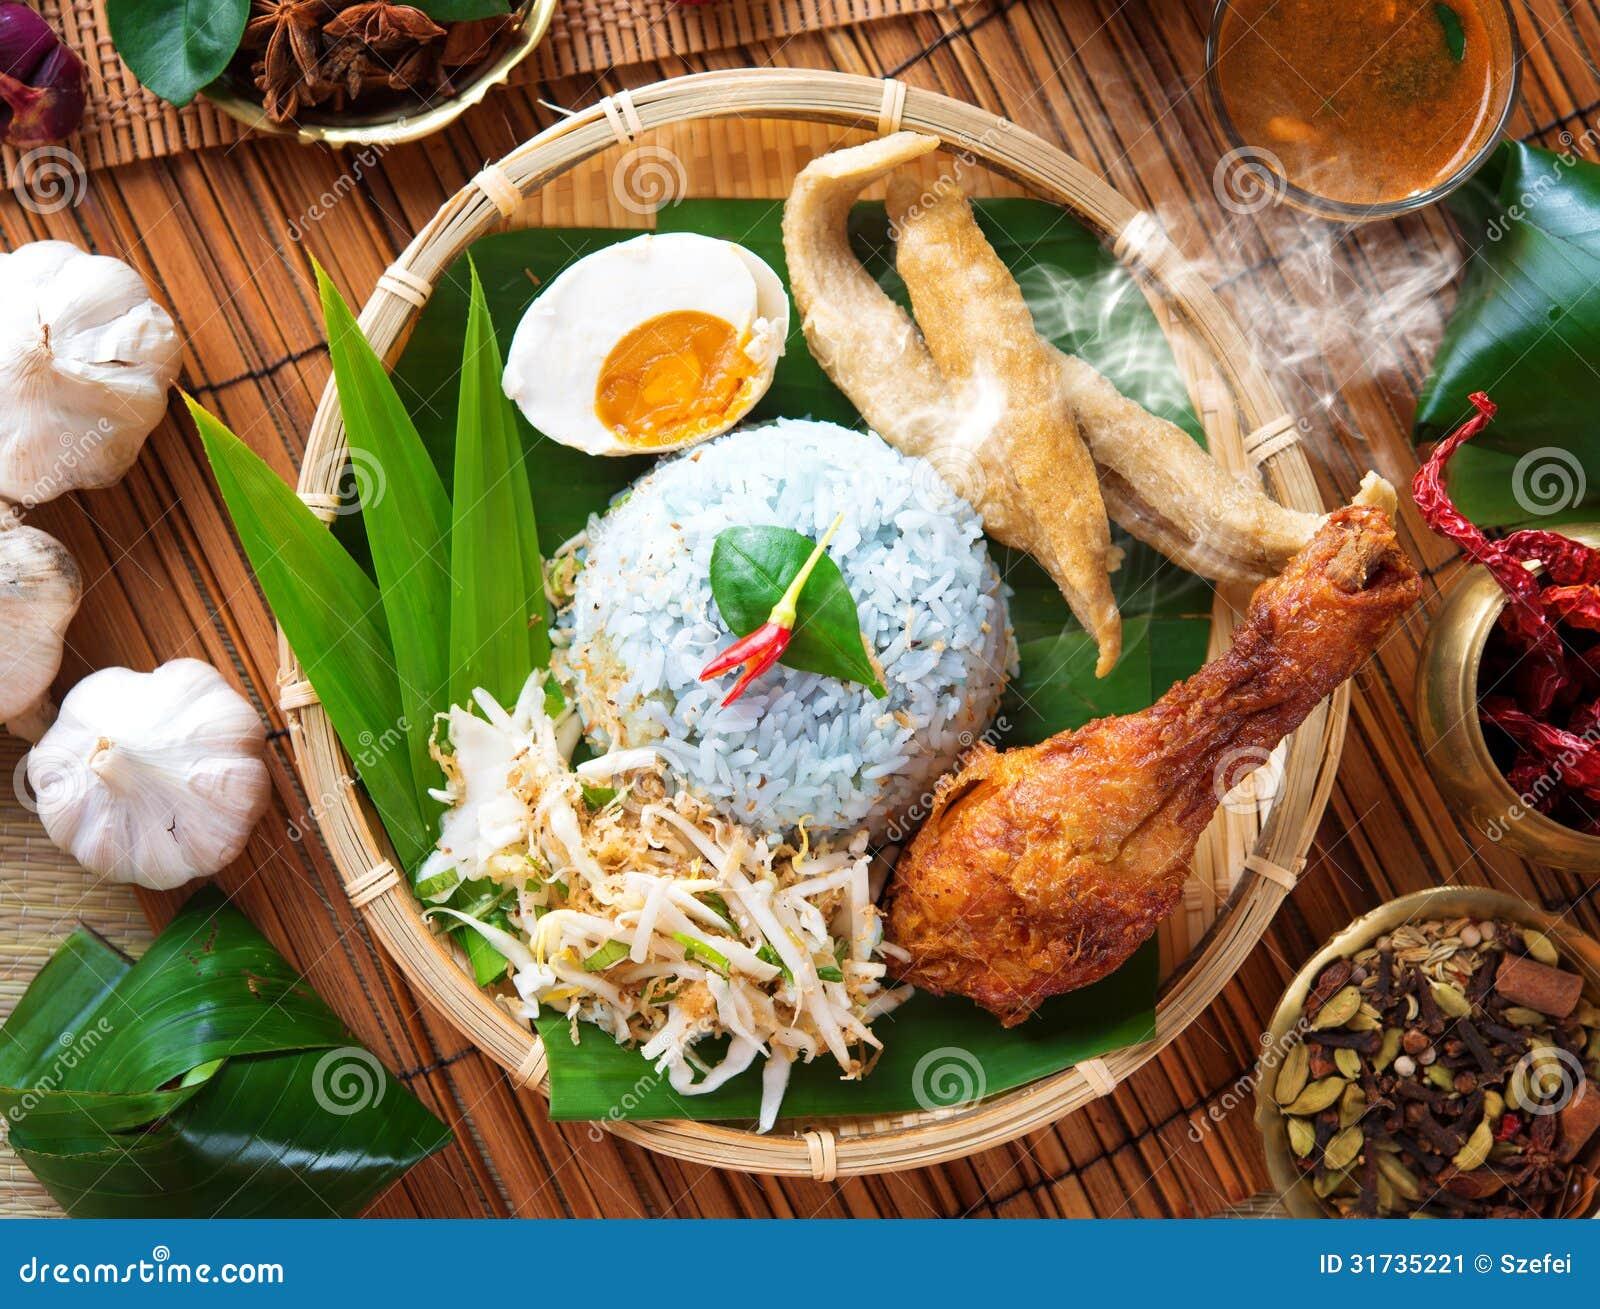 Nasi Kerabu Stock Image - Image: 31735221